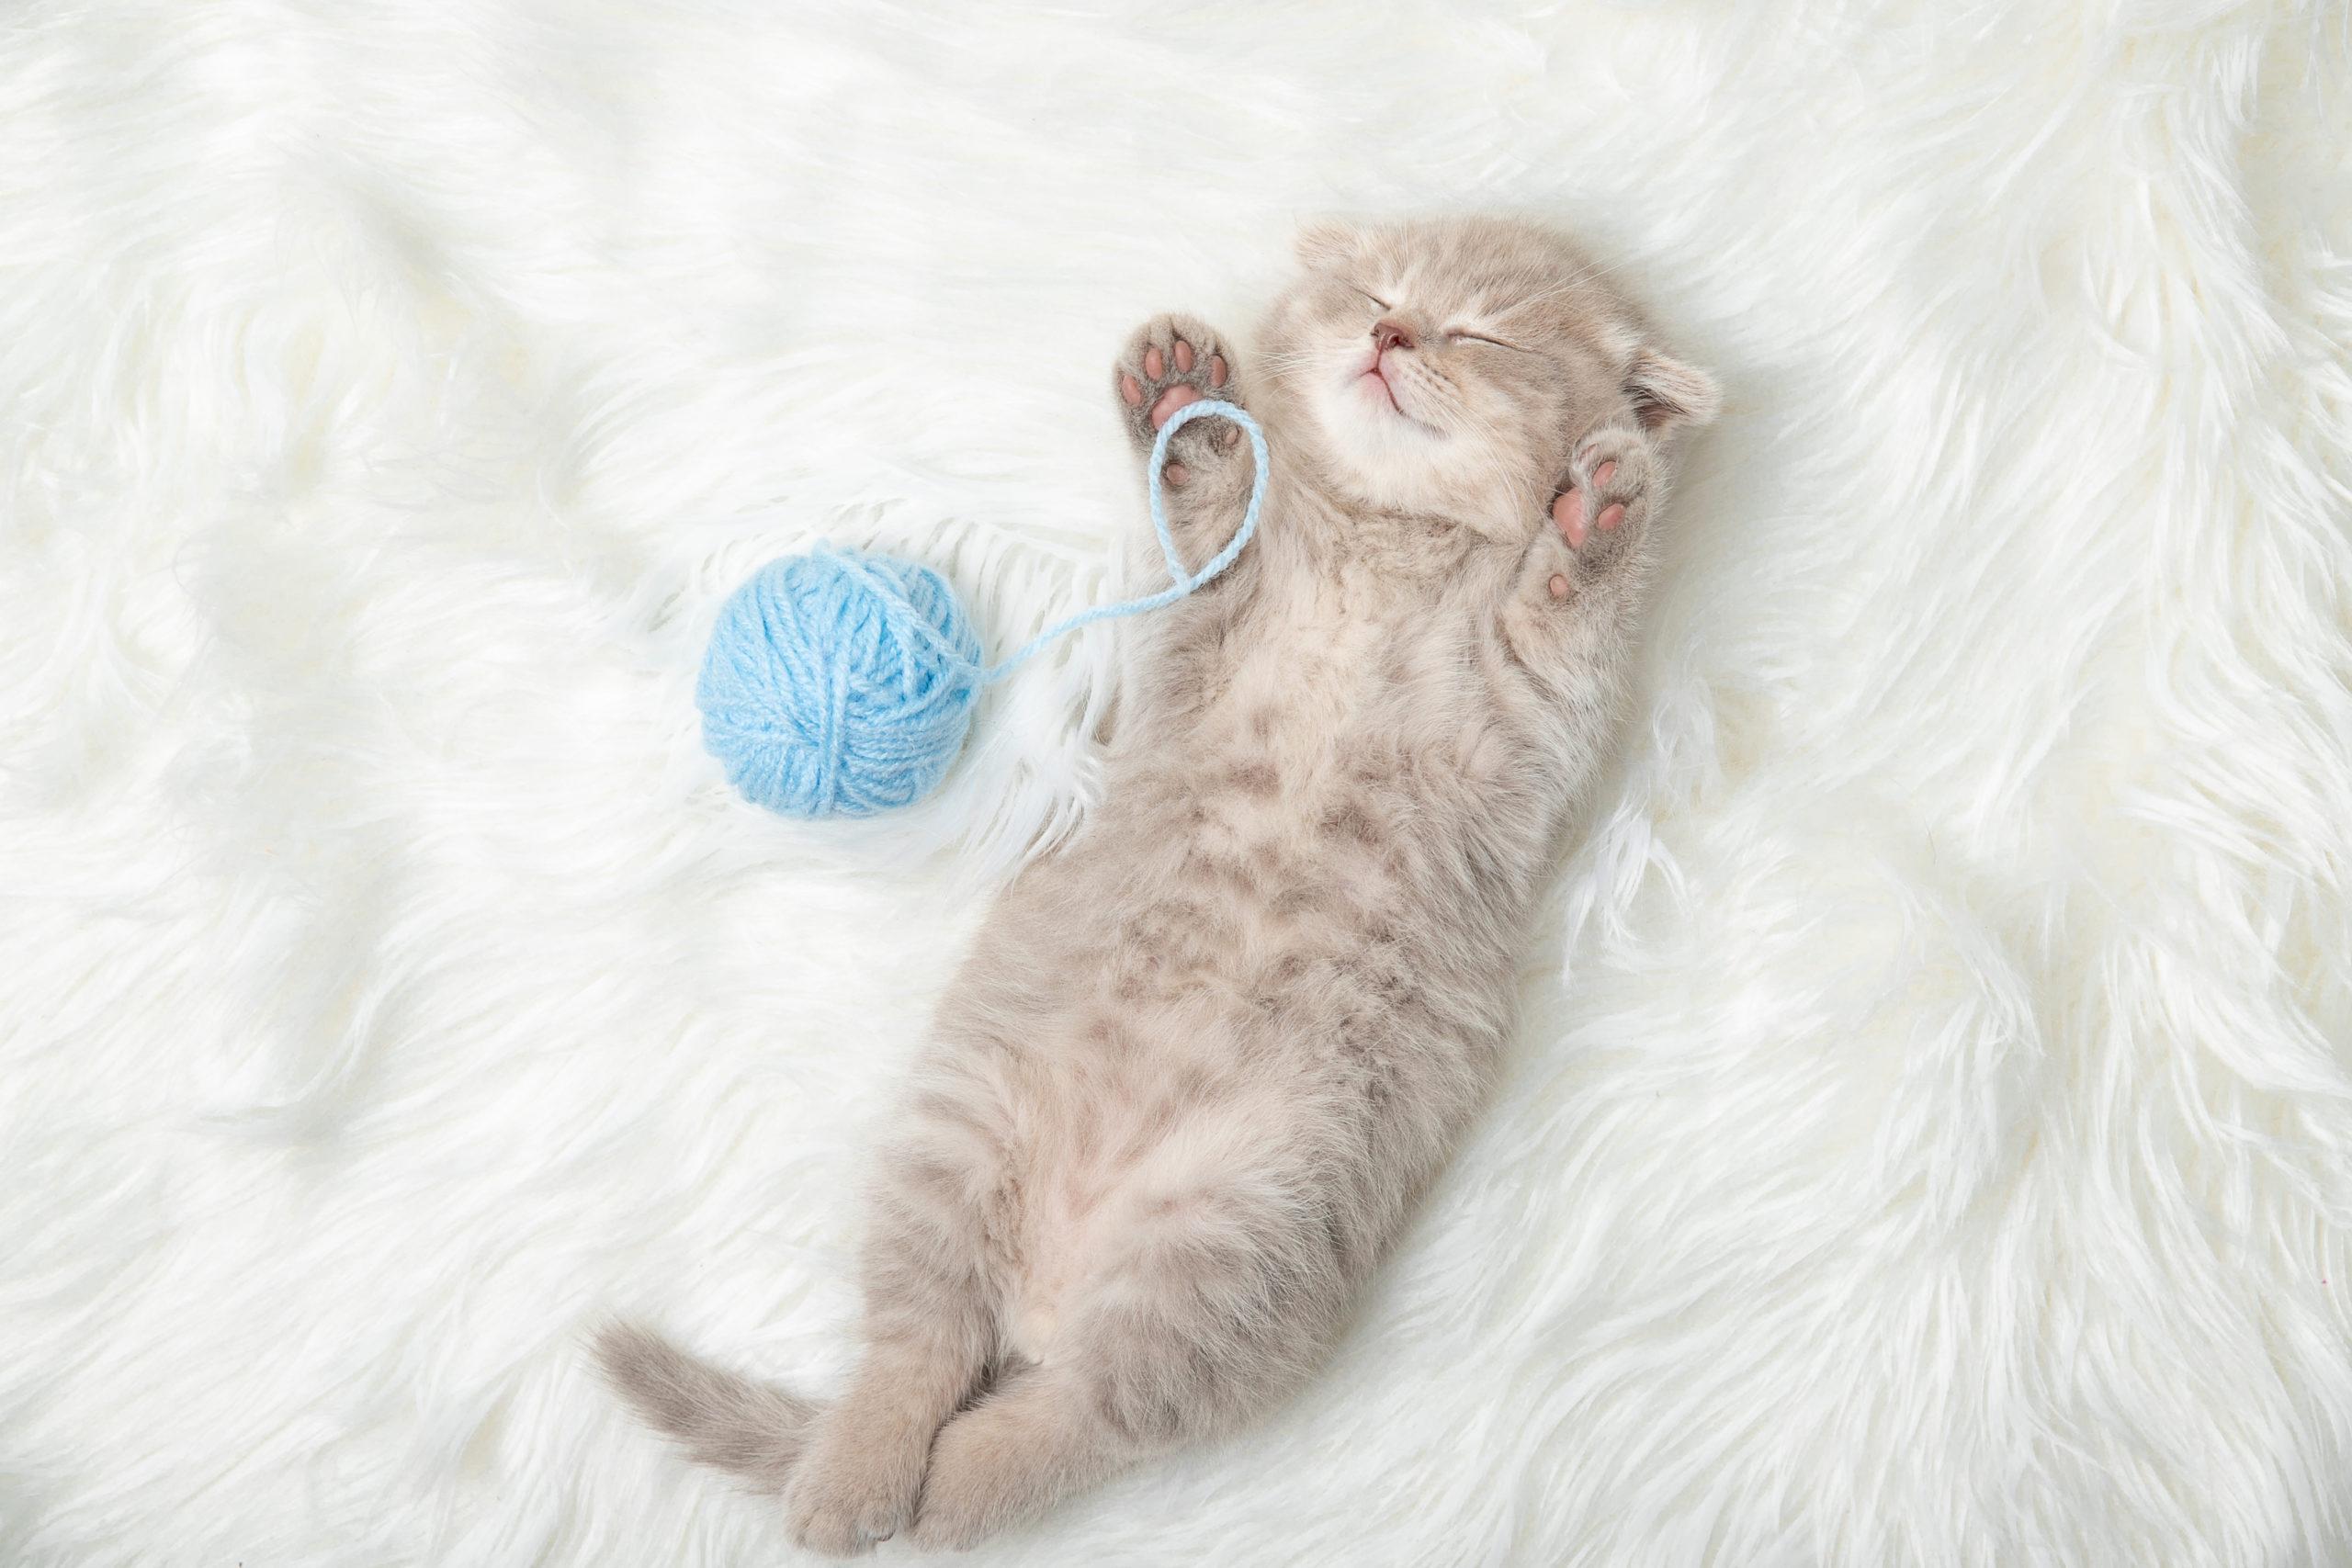 ネコっていつ見ても寝ている気がするのは何故?「ネコは寝る子」